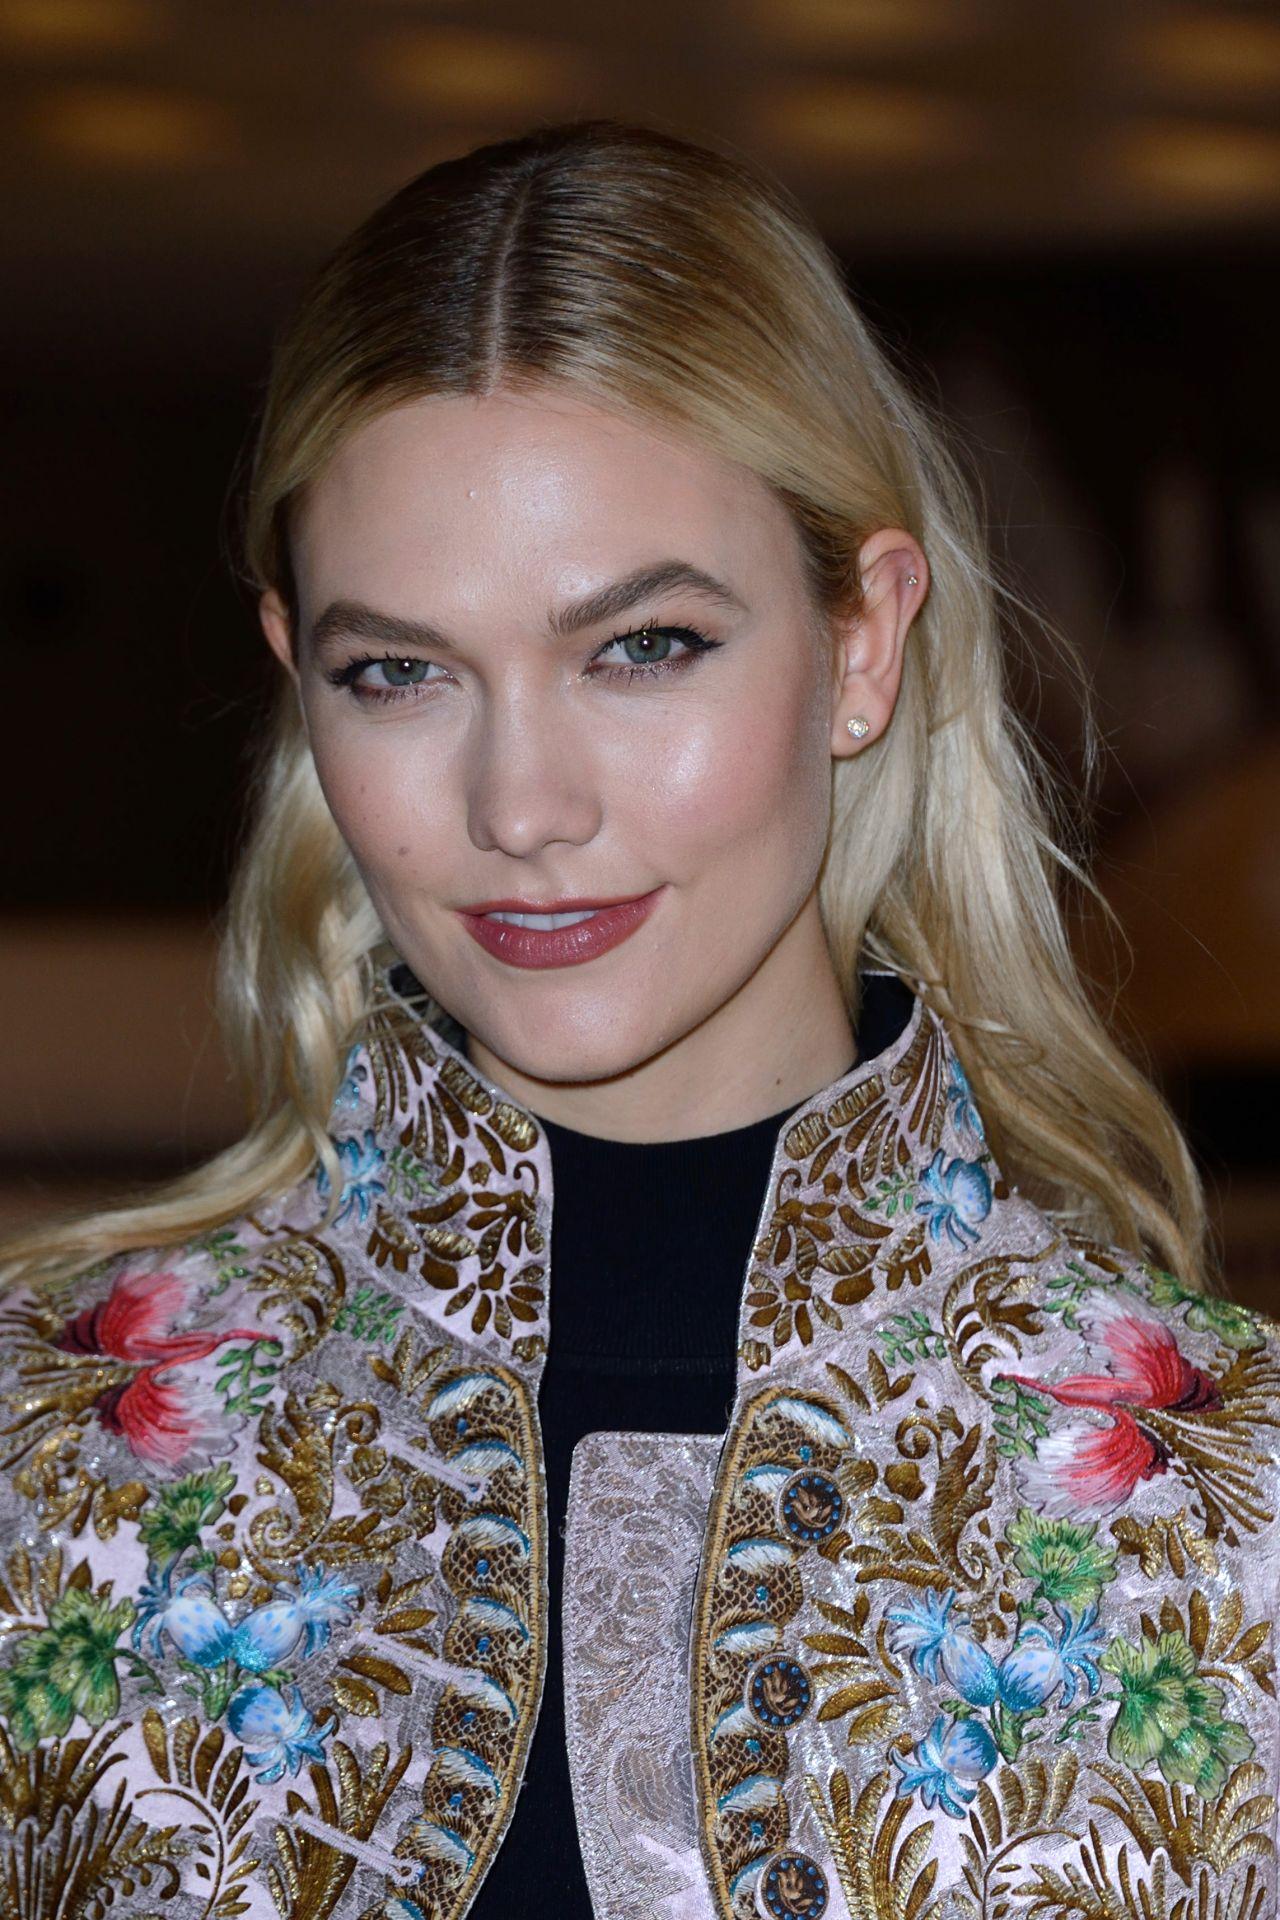 Karlie Kloss Louis Vuitton Fashion Show In Paris 03 06 2018